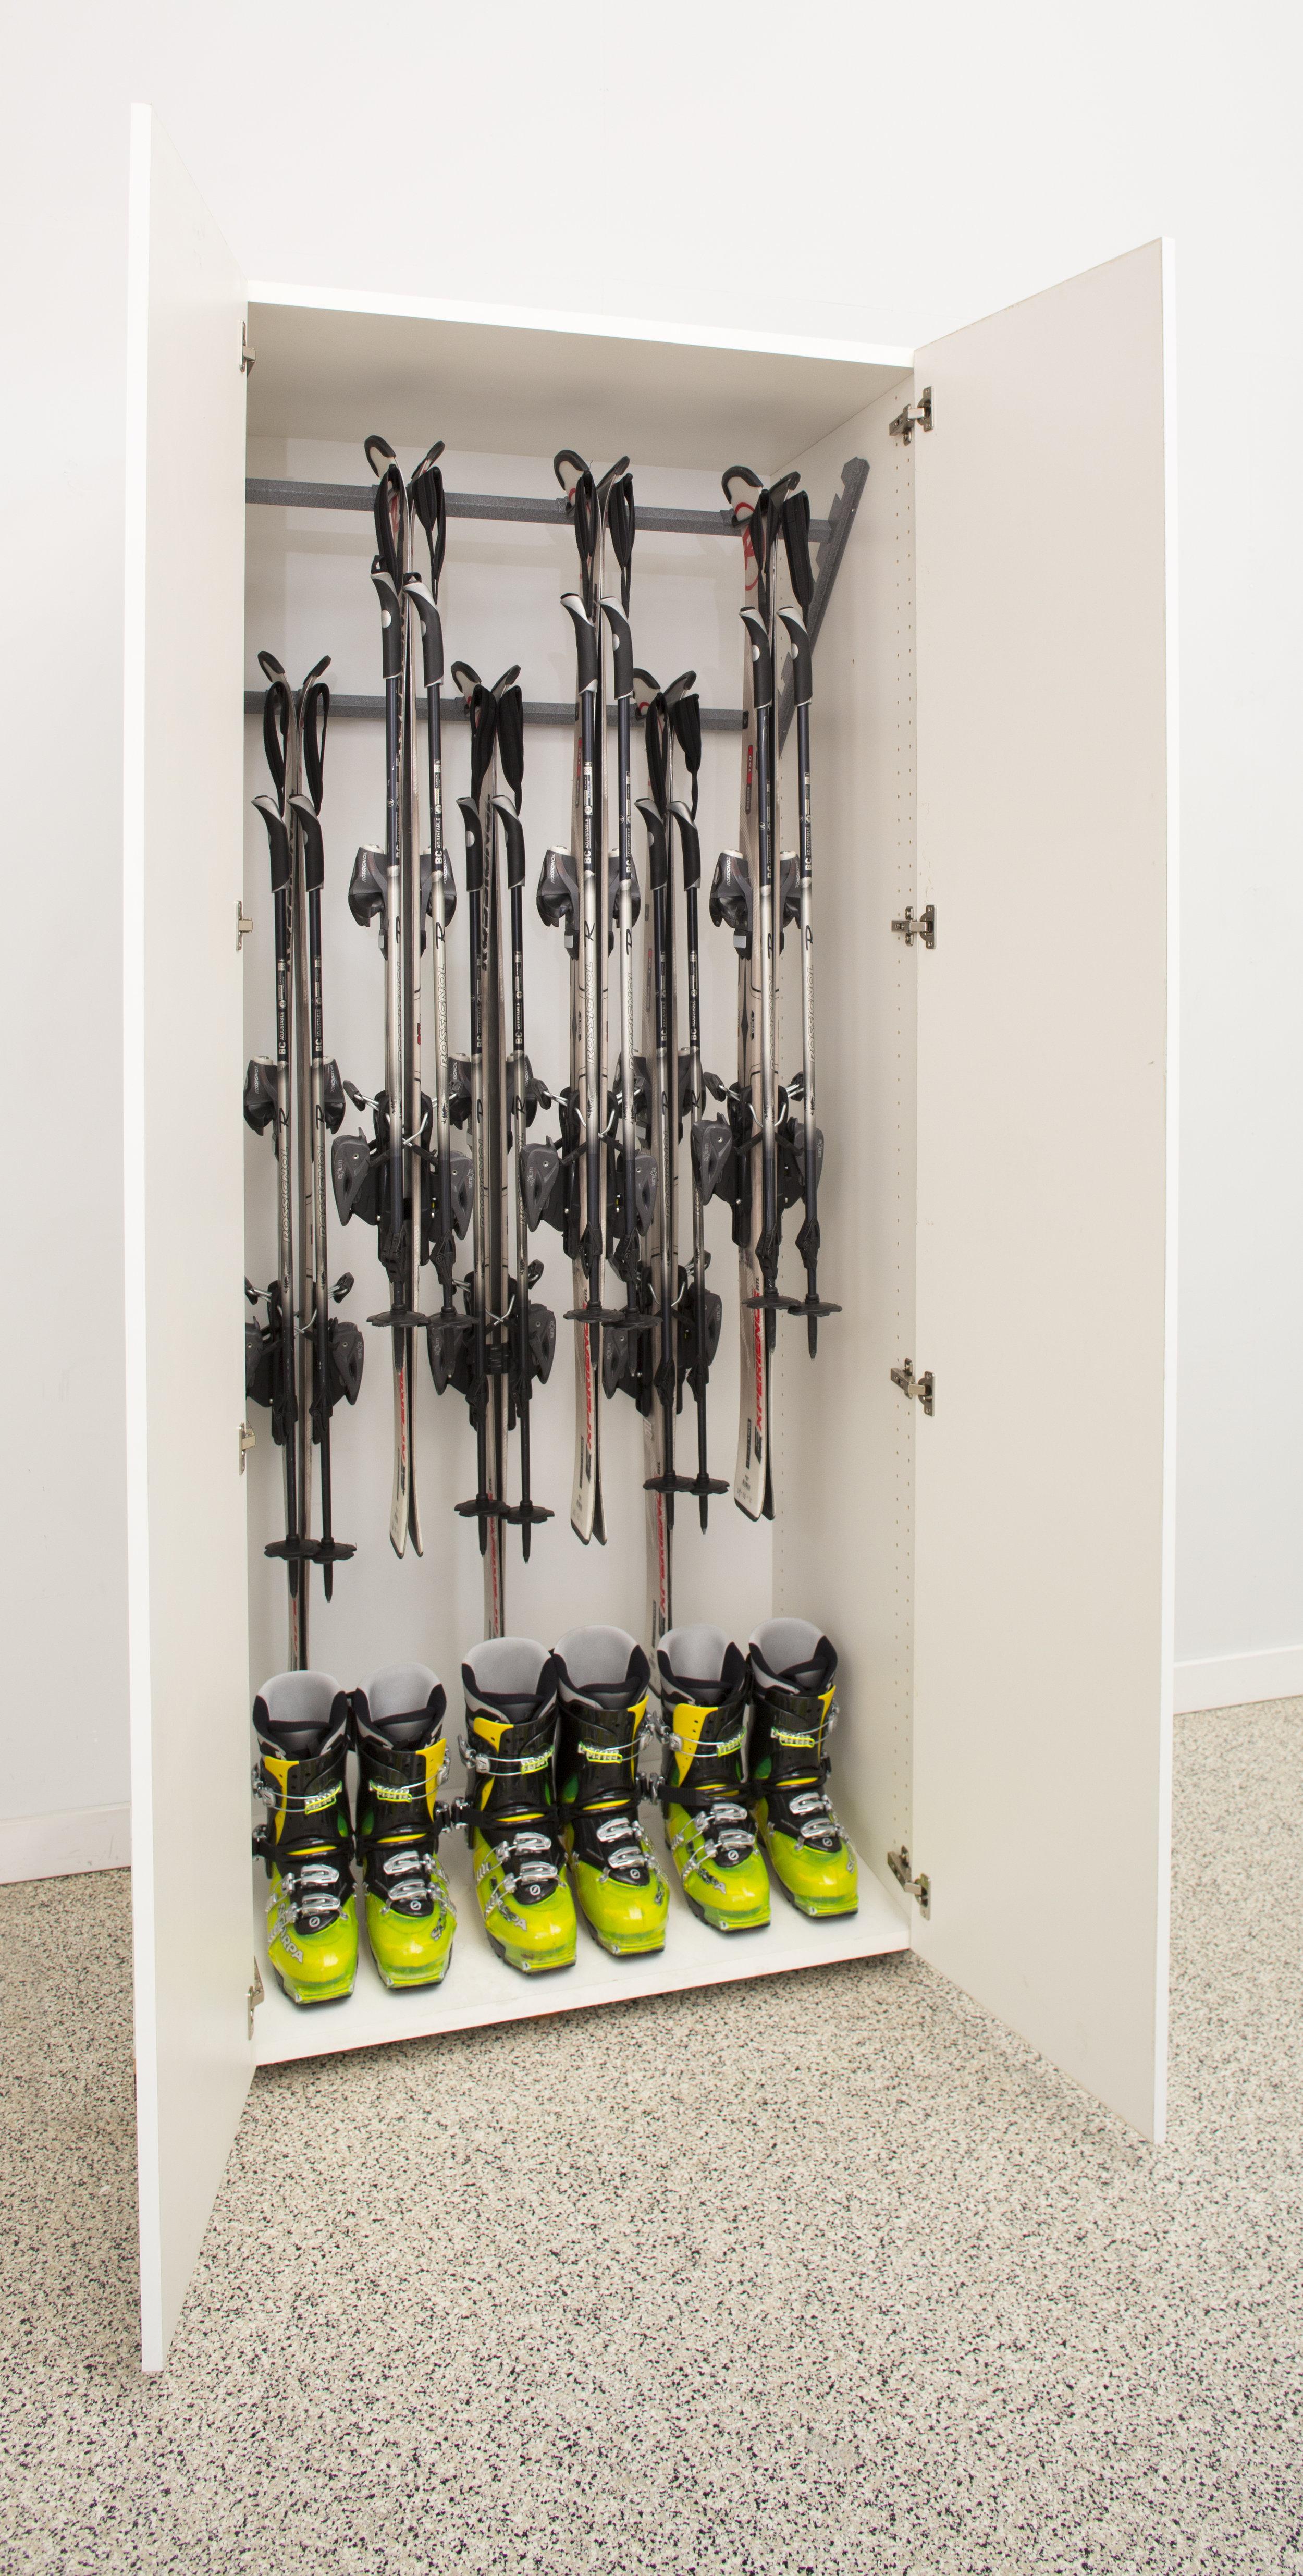 cabinets-ski-storage.jpg